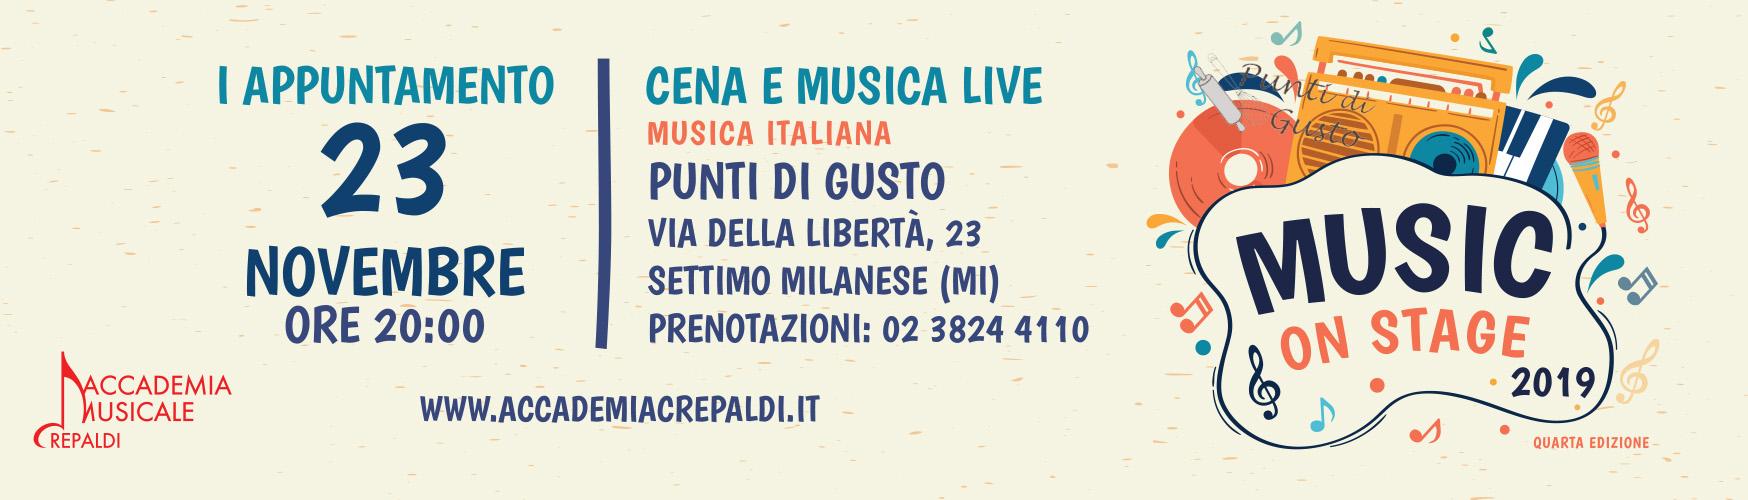 Music On Stage 2019/2020 Punti di Gusto, Settimo Milanese (MI) - Accademia Musicale Crepaldi